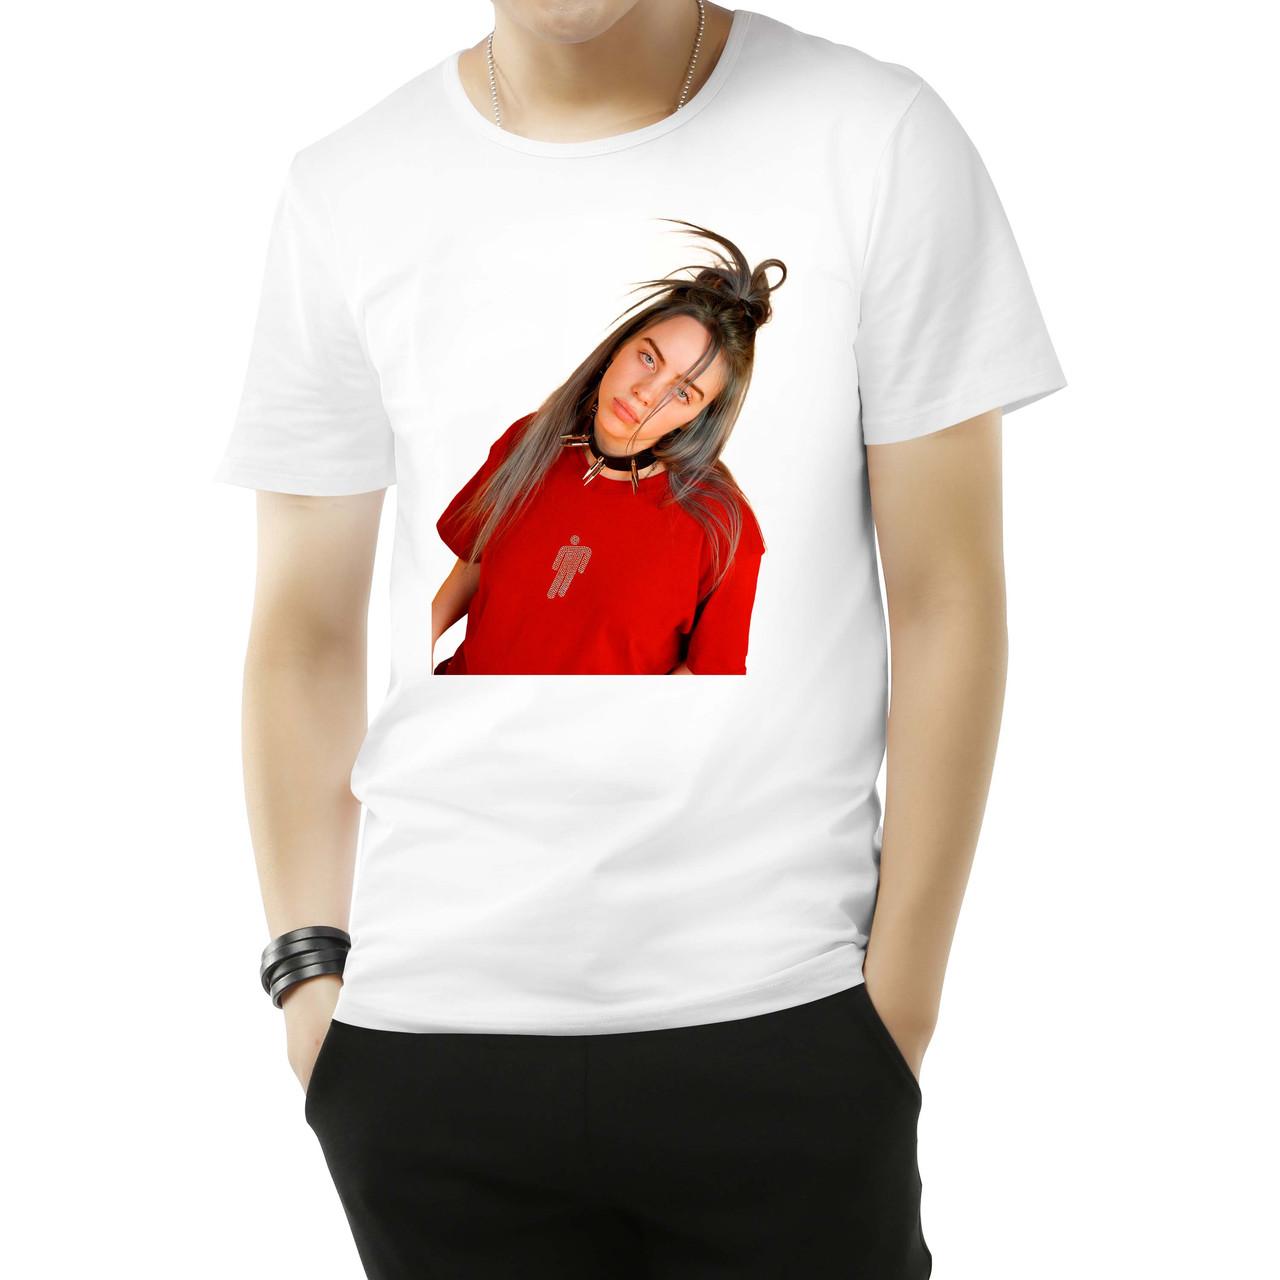 """Чоловіча футболка з принтом """"Billie Eilish (Біллі Айлиш) в червоному"""" Push IT S, Білий"""